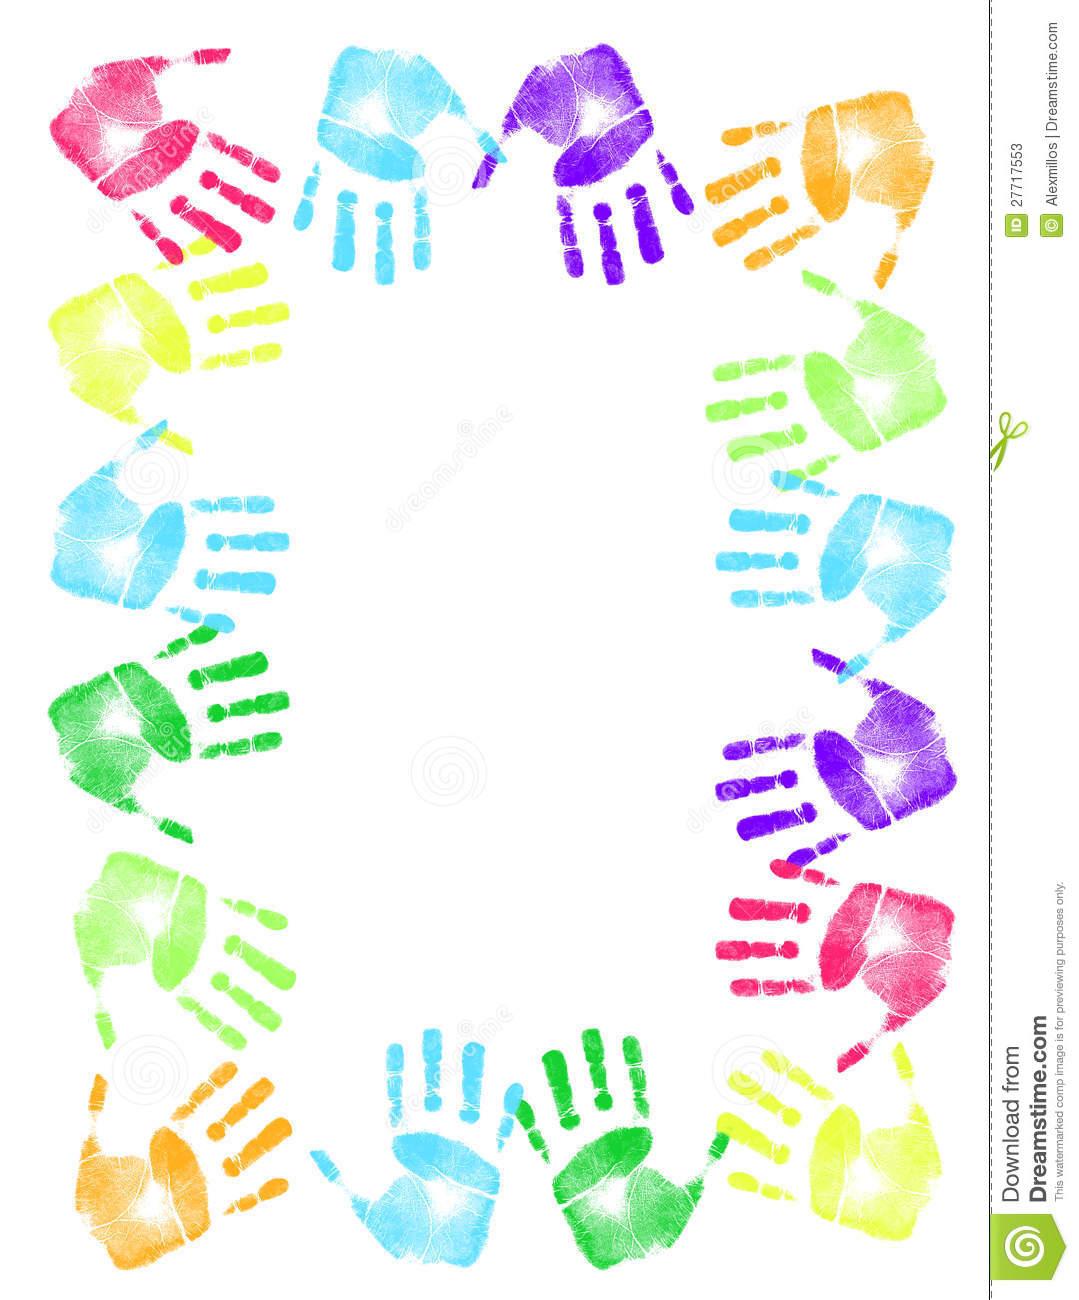 Handprint clipart boarder Handprint Handprint cliparts Vectors Pie